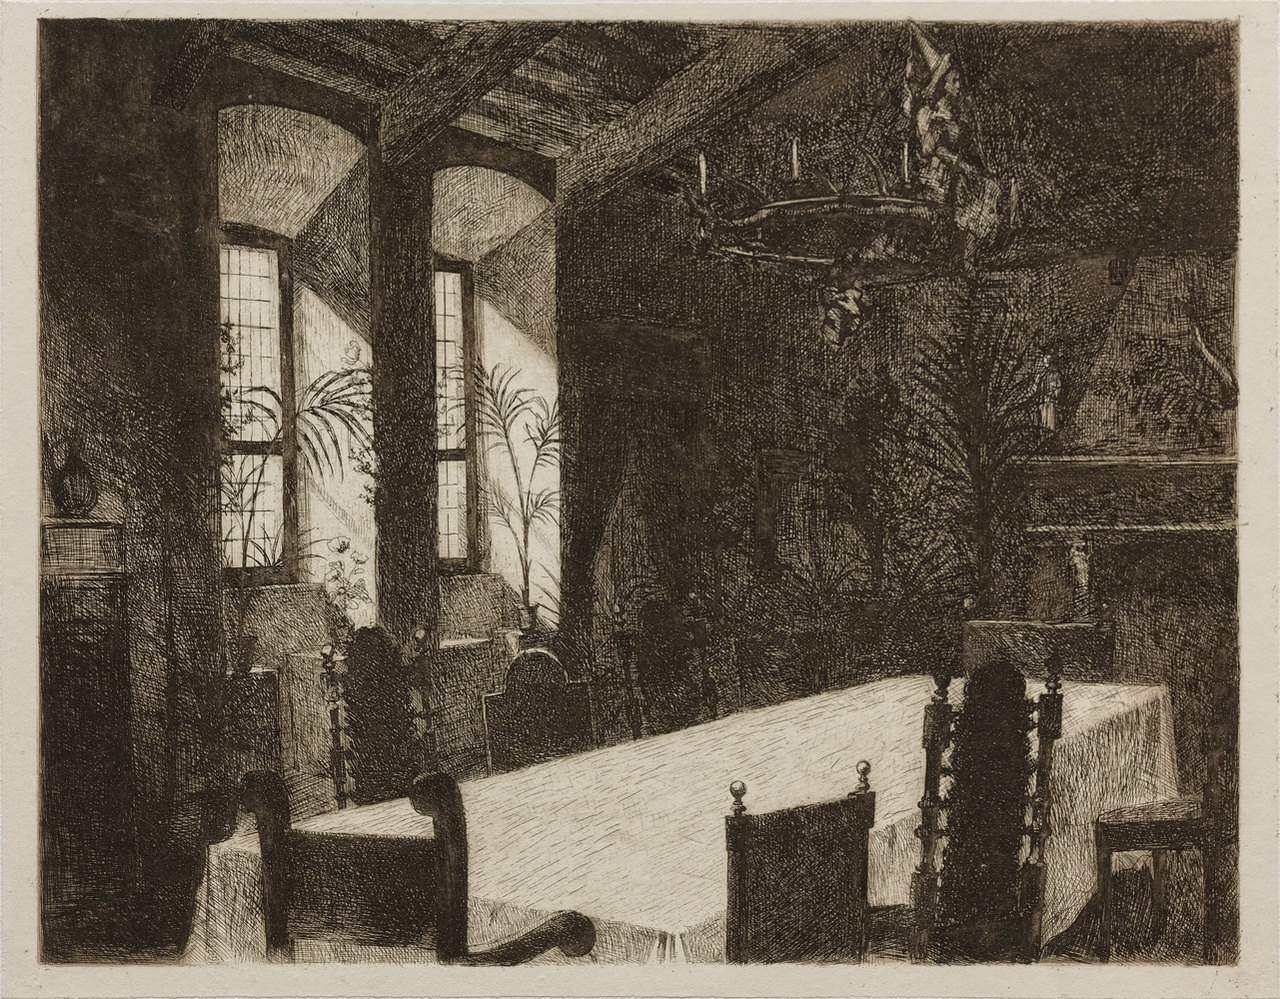 Afdruk van een ets van een kamer in kasteel De Haar